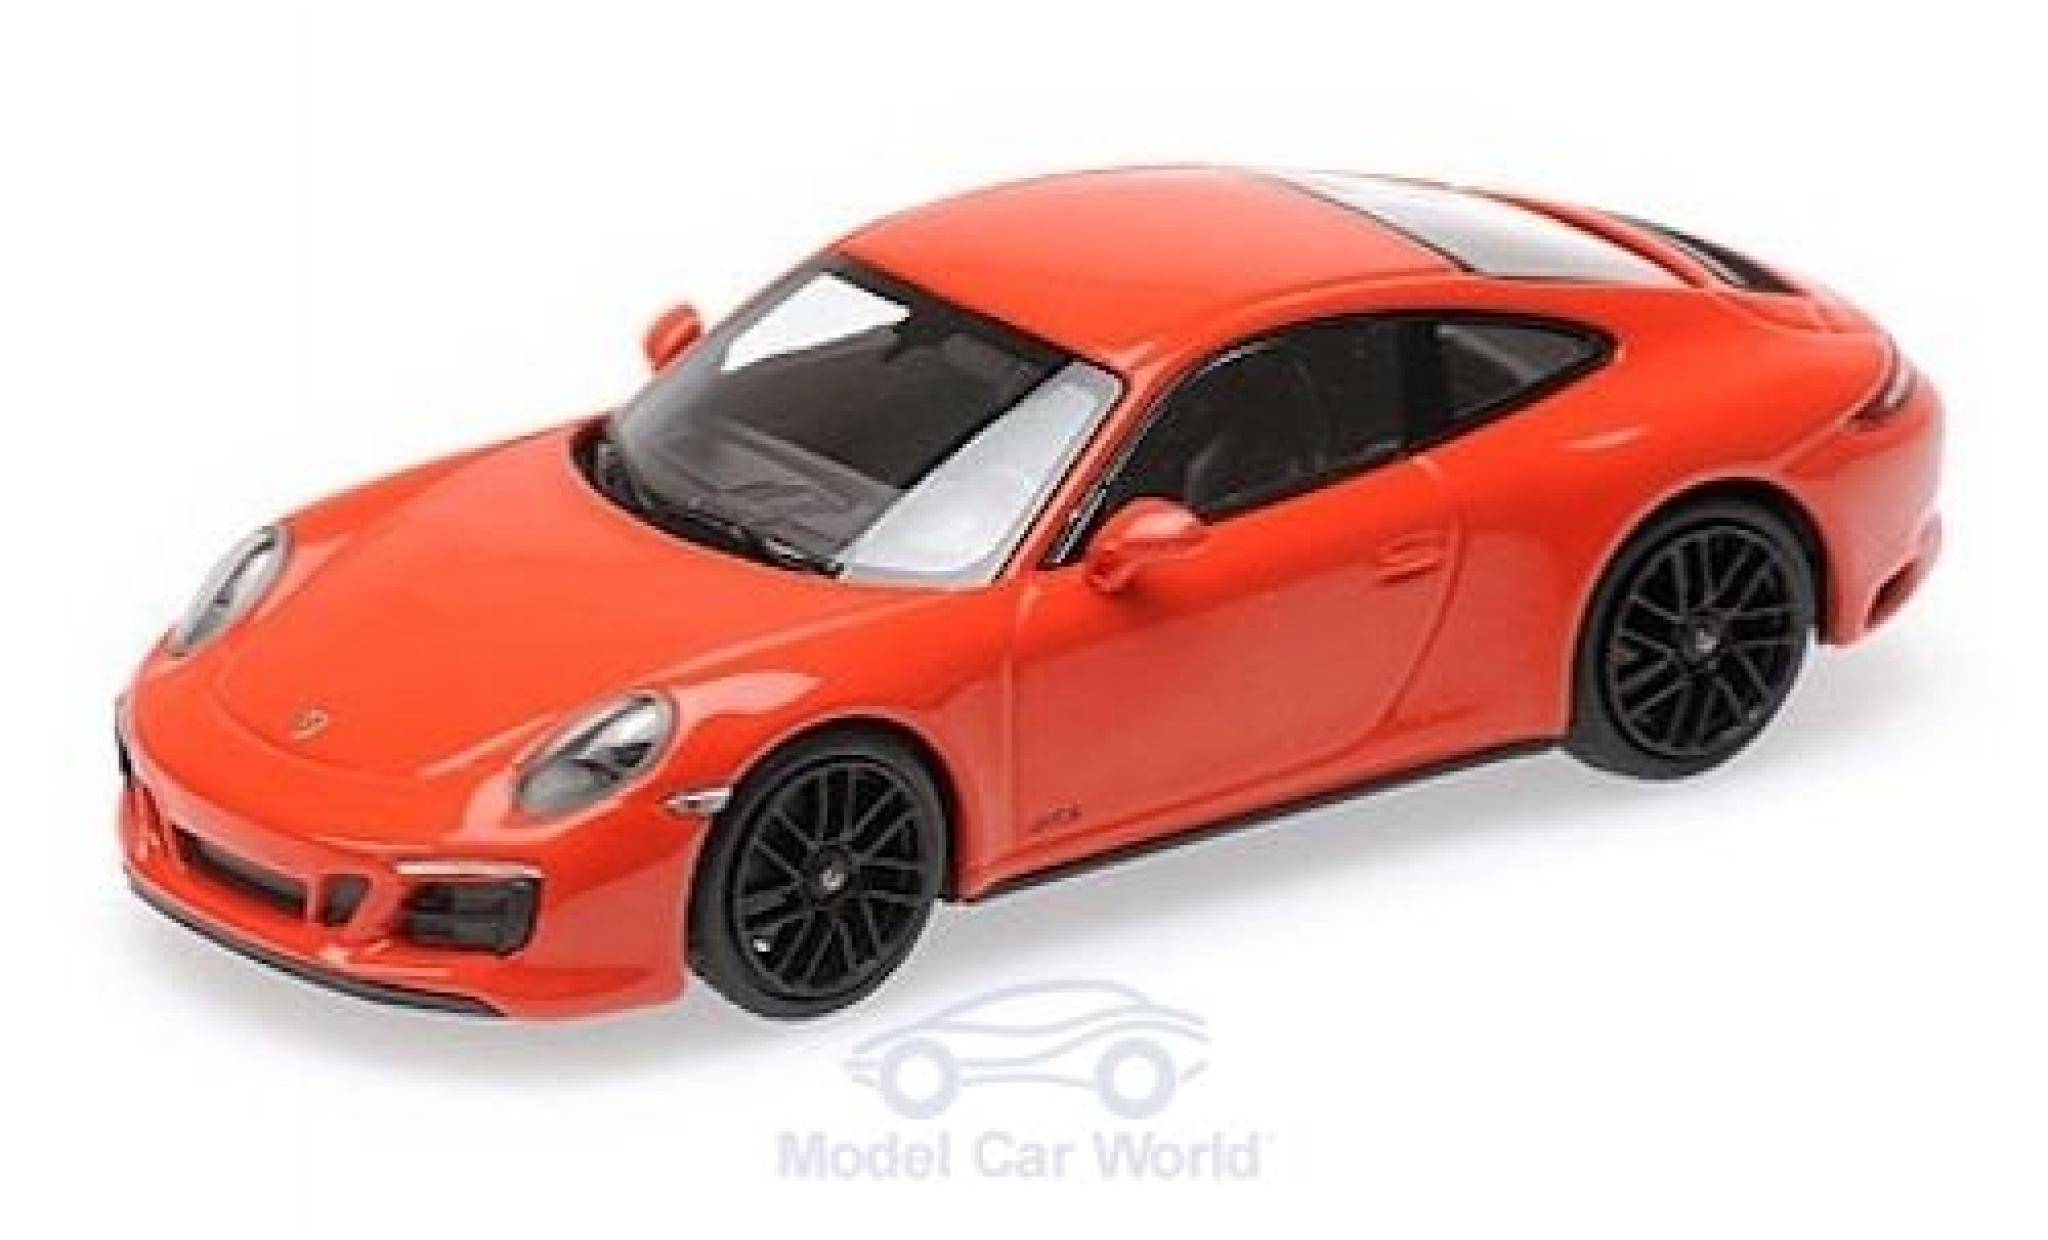 Porsche 911 1/43 Minichamps (991.2) Carrera 4 GTS orange 2017